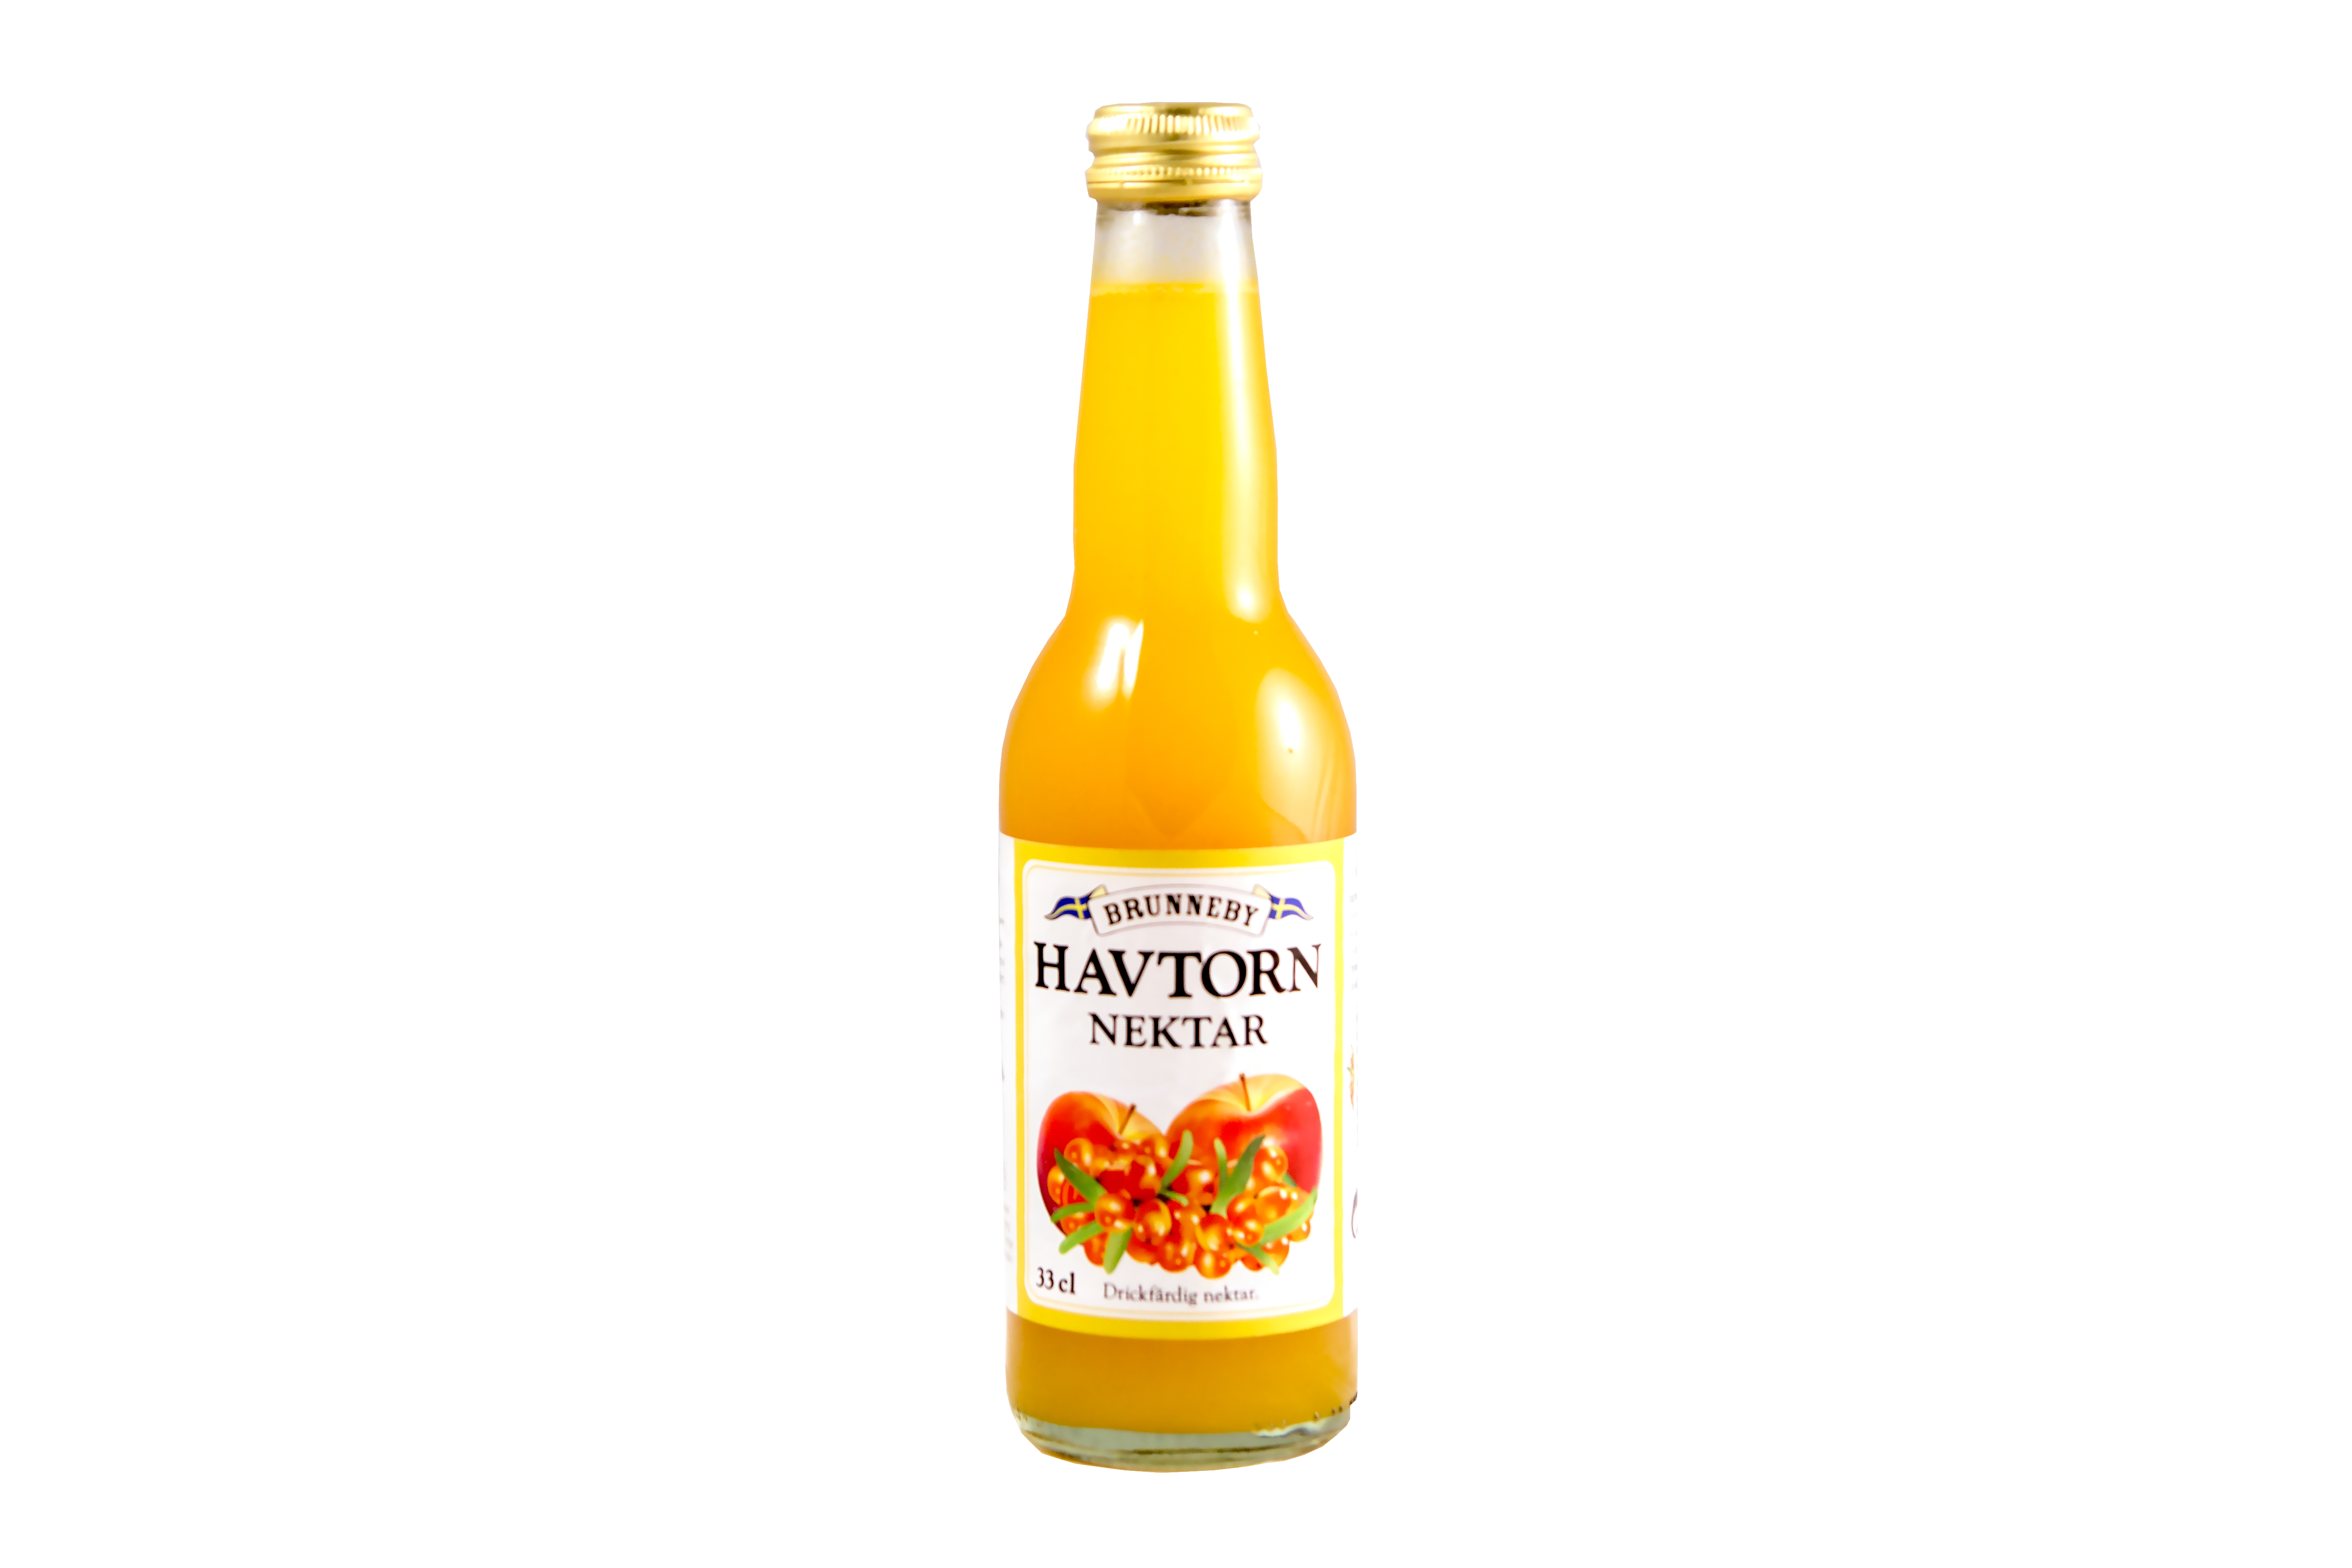 Högupplöst bild på Havtornsnektar i 33 cl flaska.